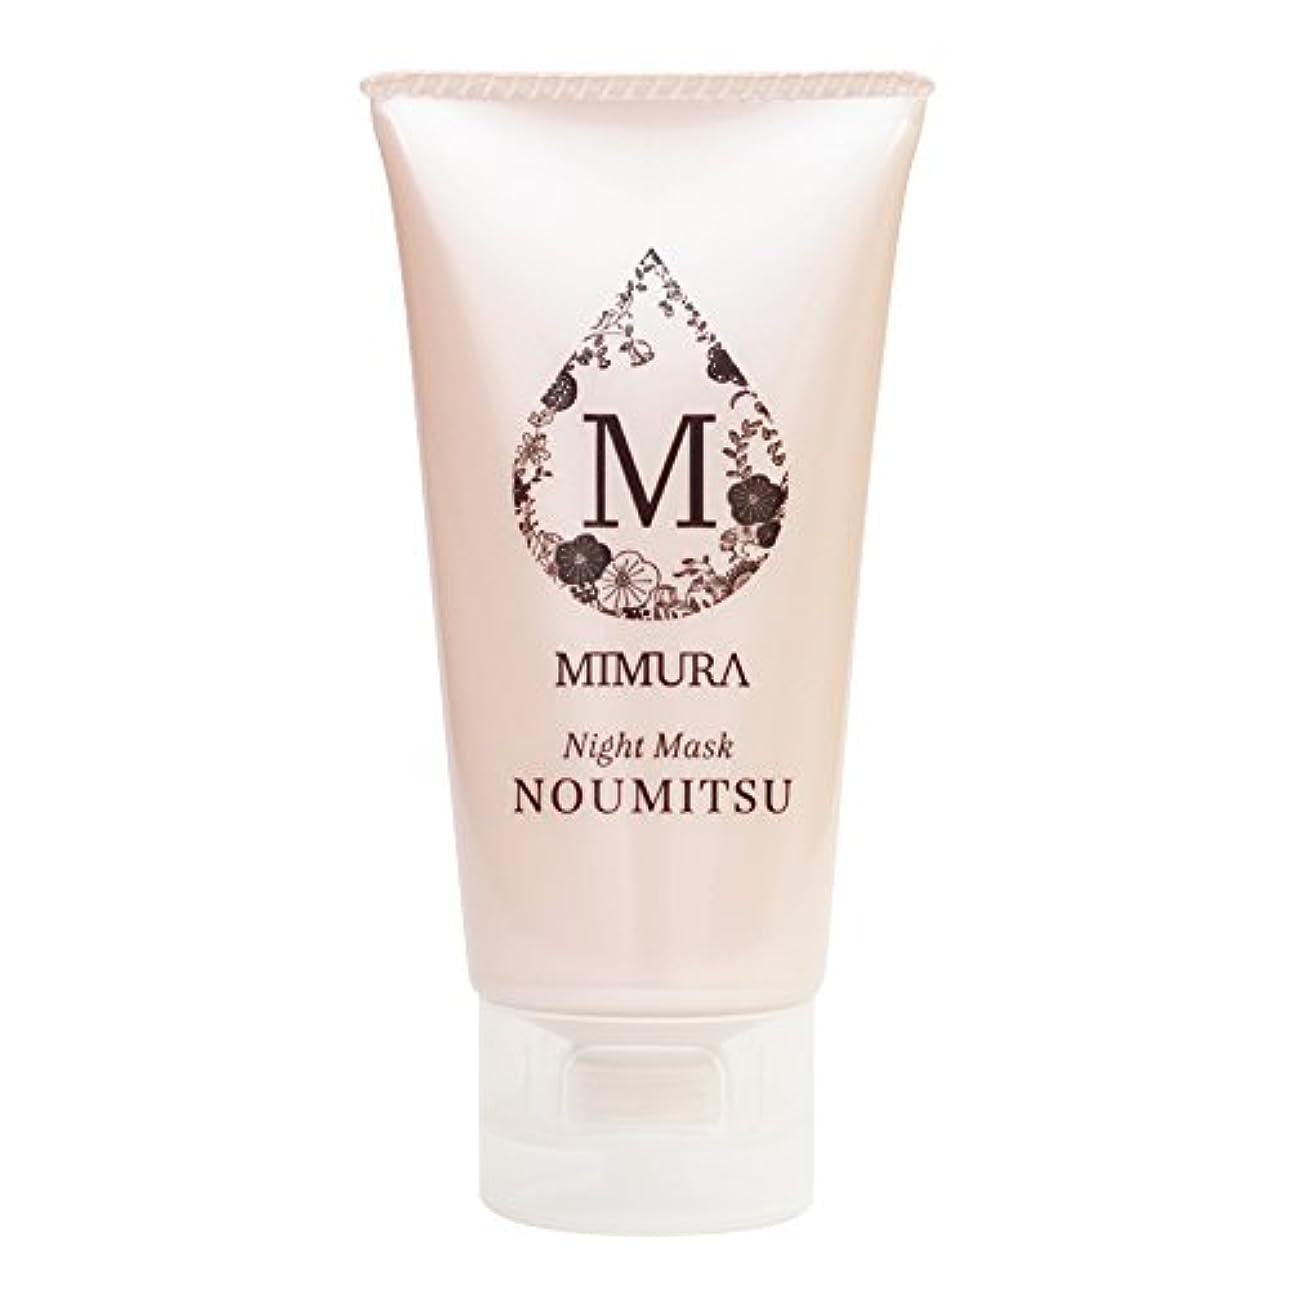 ナイトケアクリーム 保湿 顔 用 ミムラ ナイトマスク NOUMITSU 48g MIMURA 乾燥肌 日本製